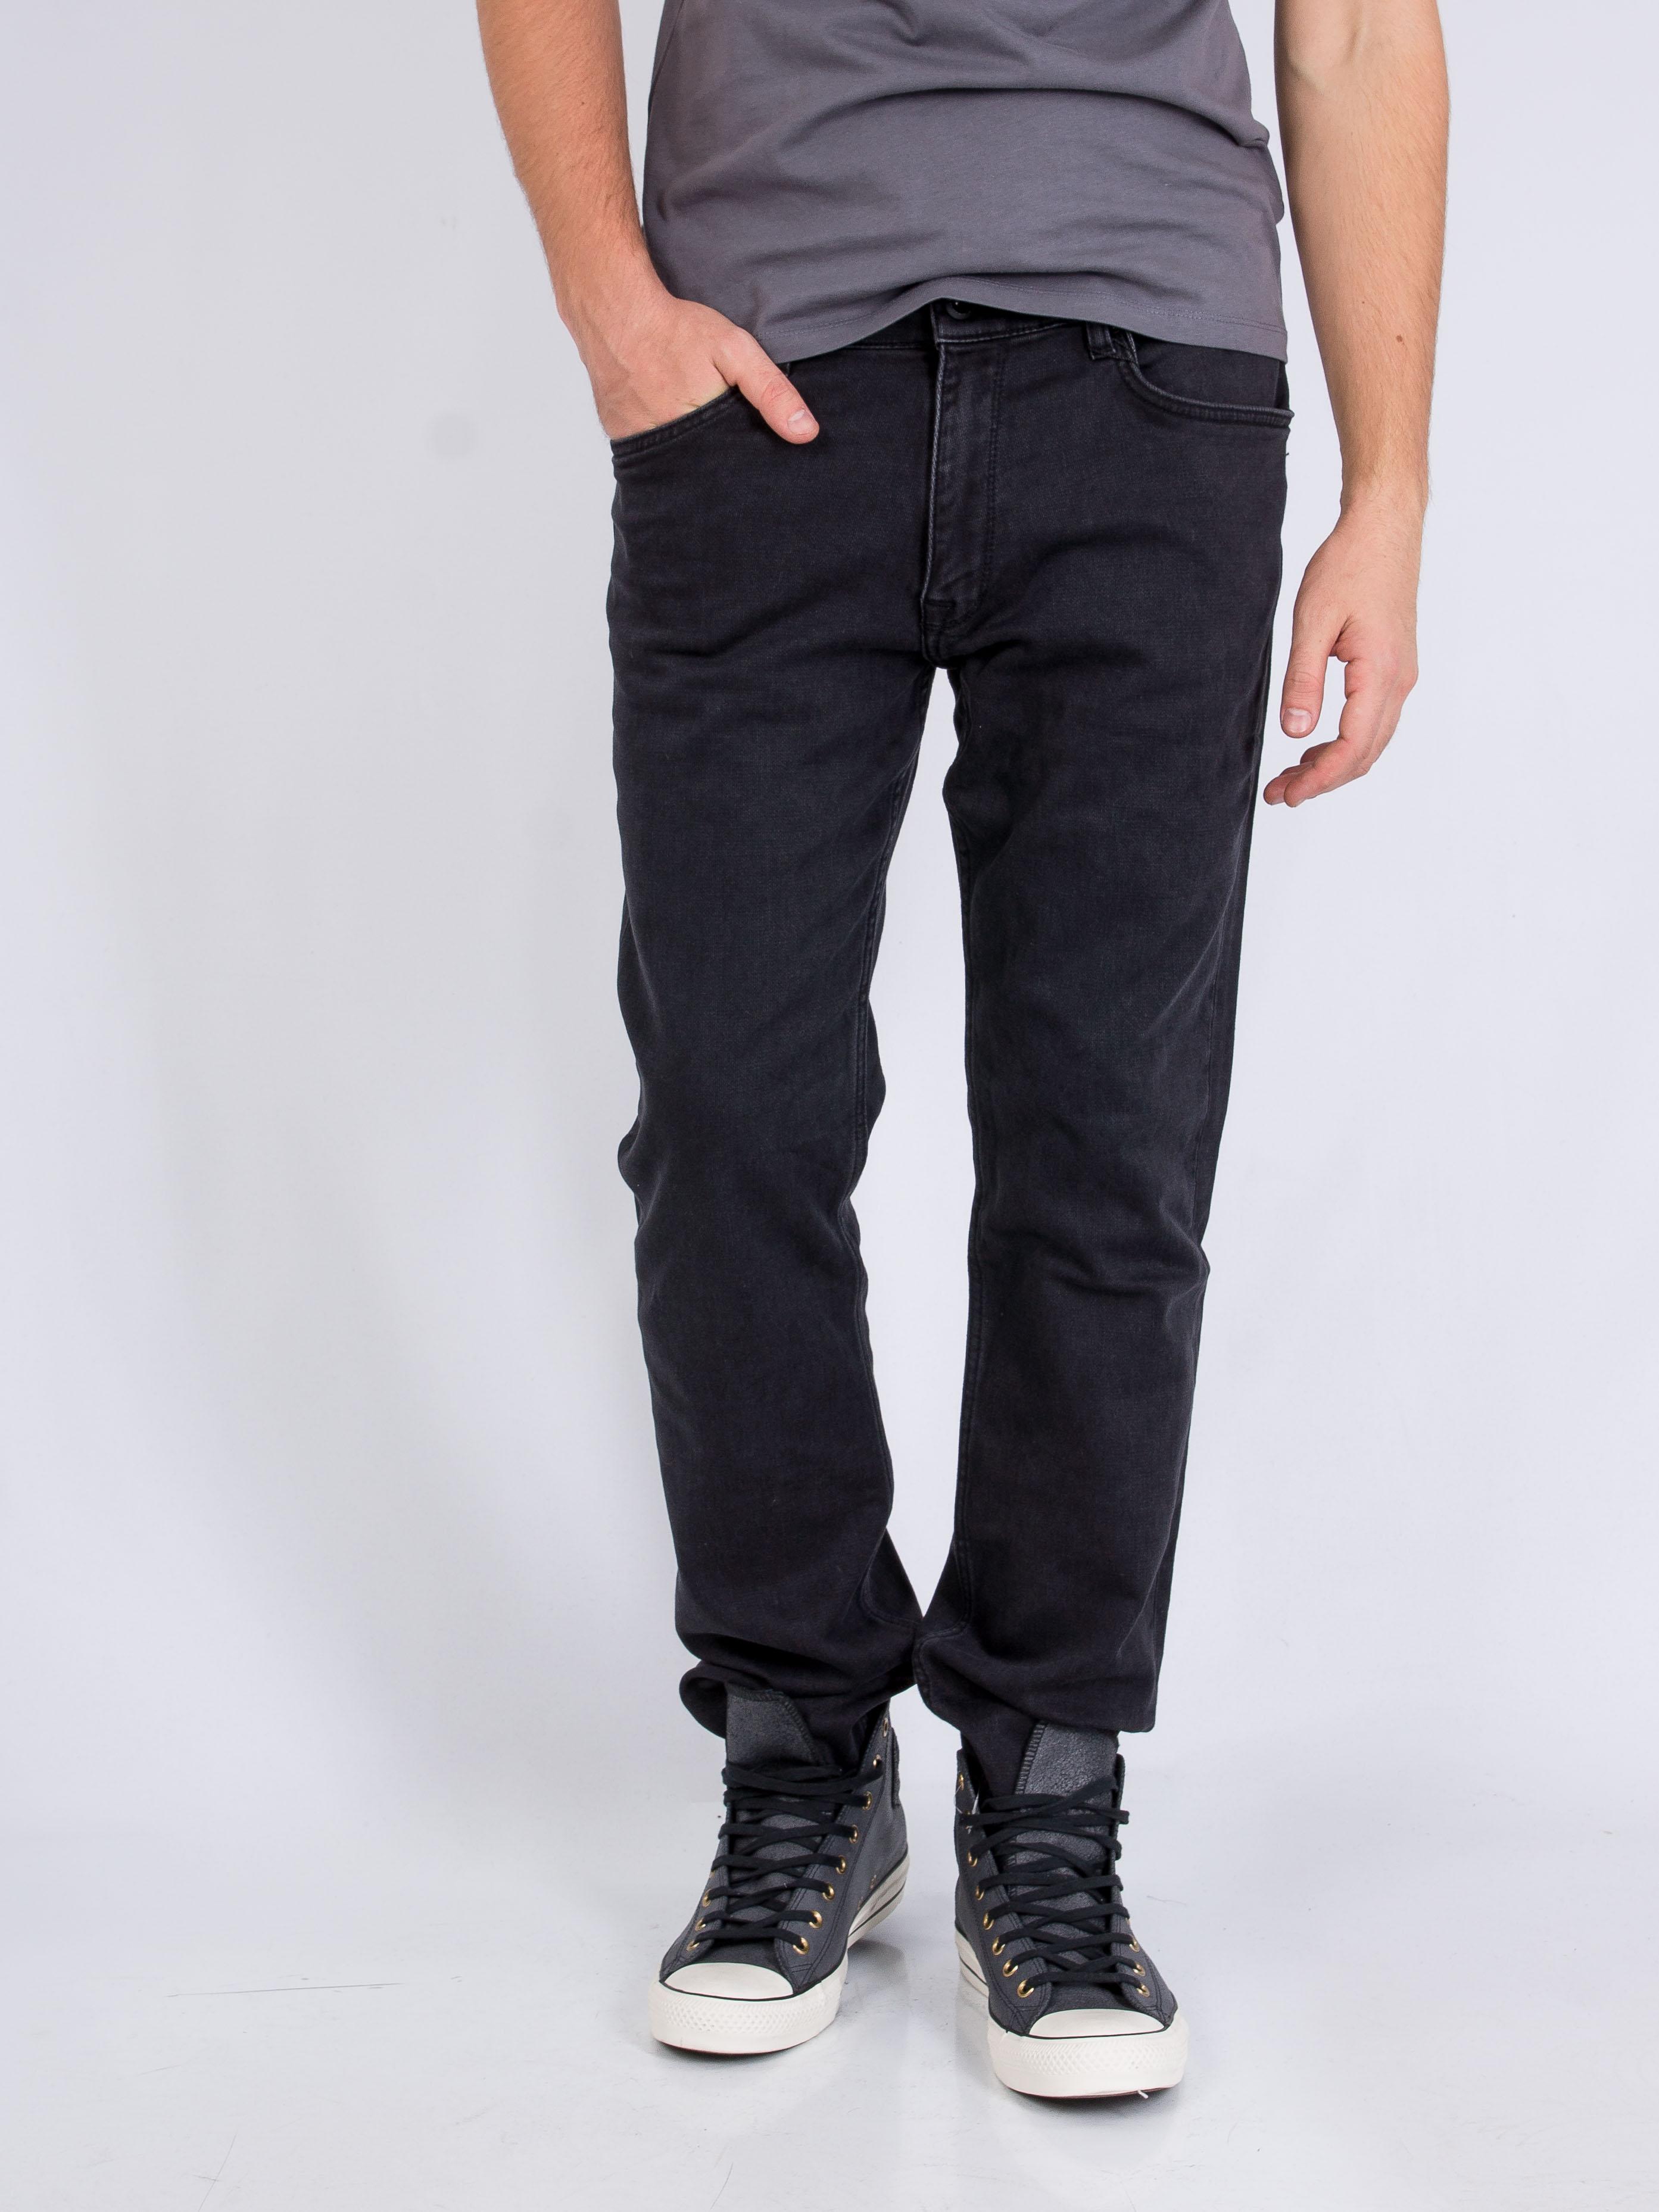 Джинсы Five Pocket 7187 Черный Free Style